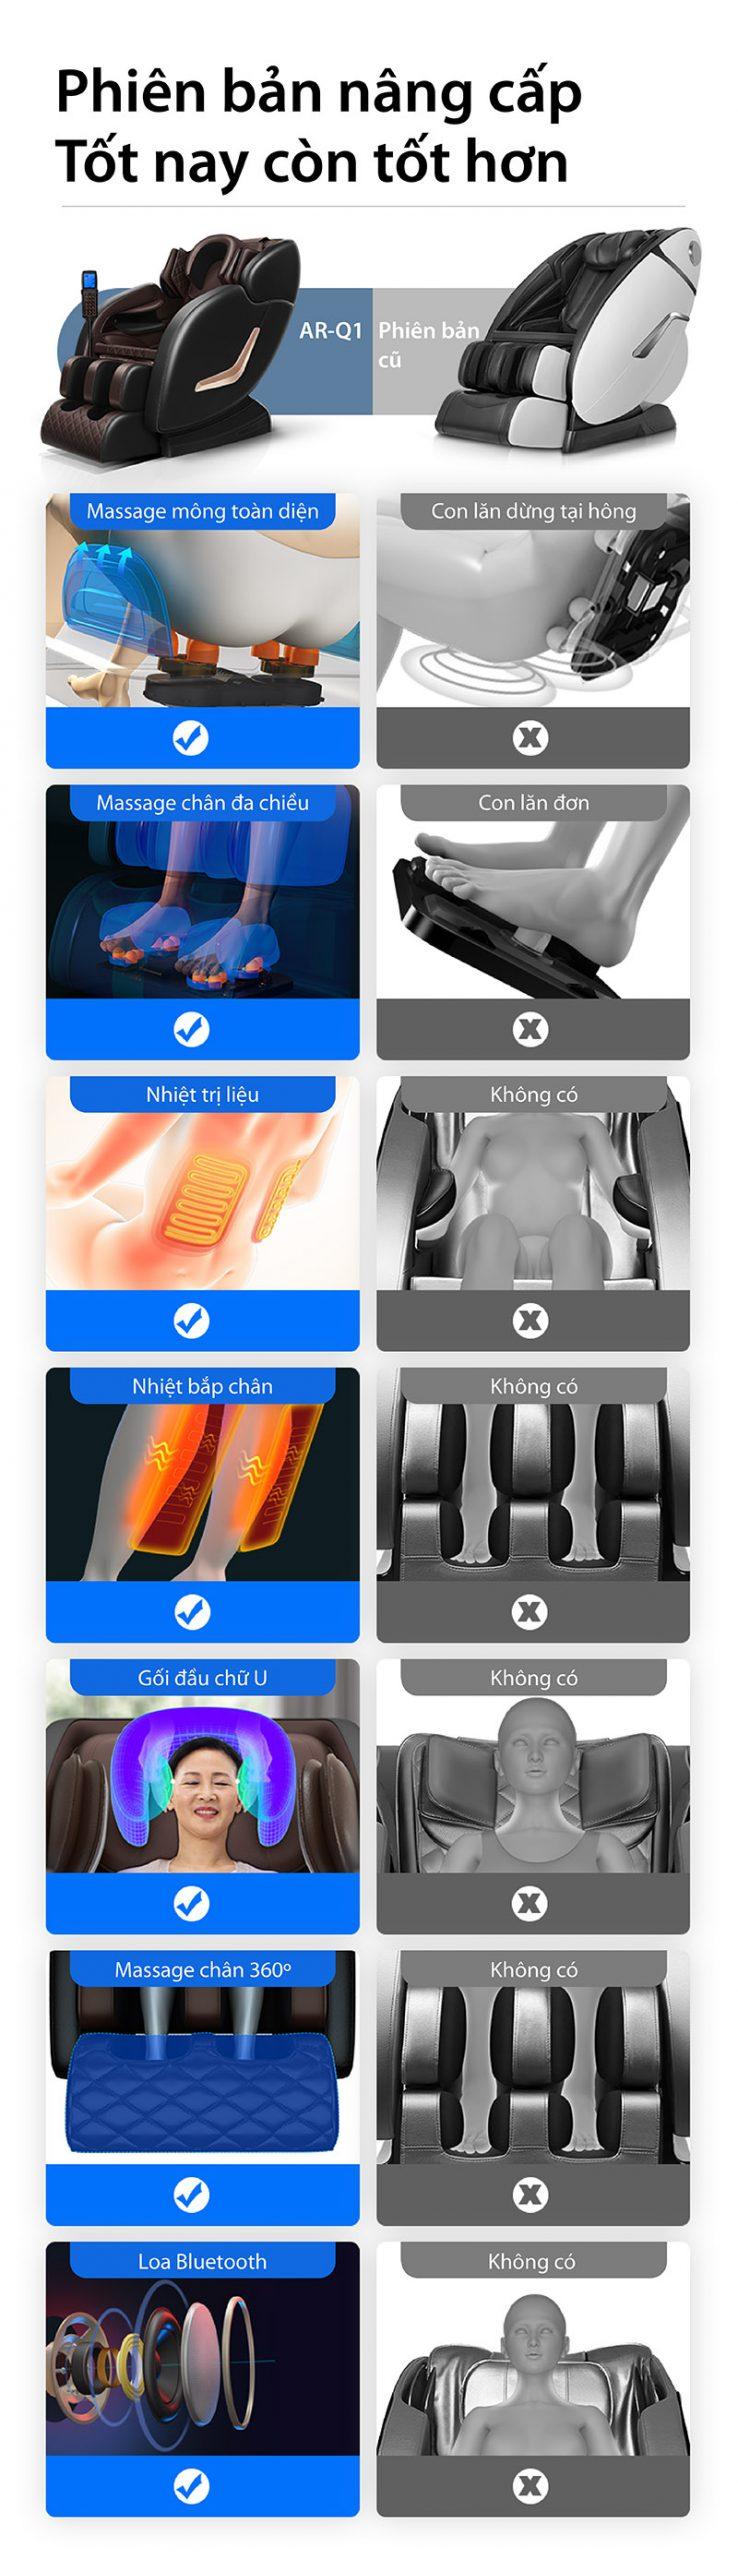 ghế massage đời mới công nghệ nhật bản